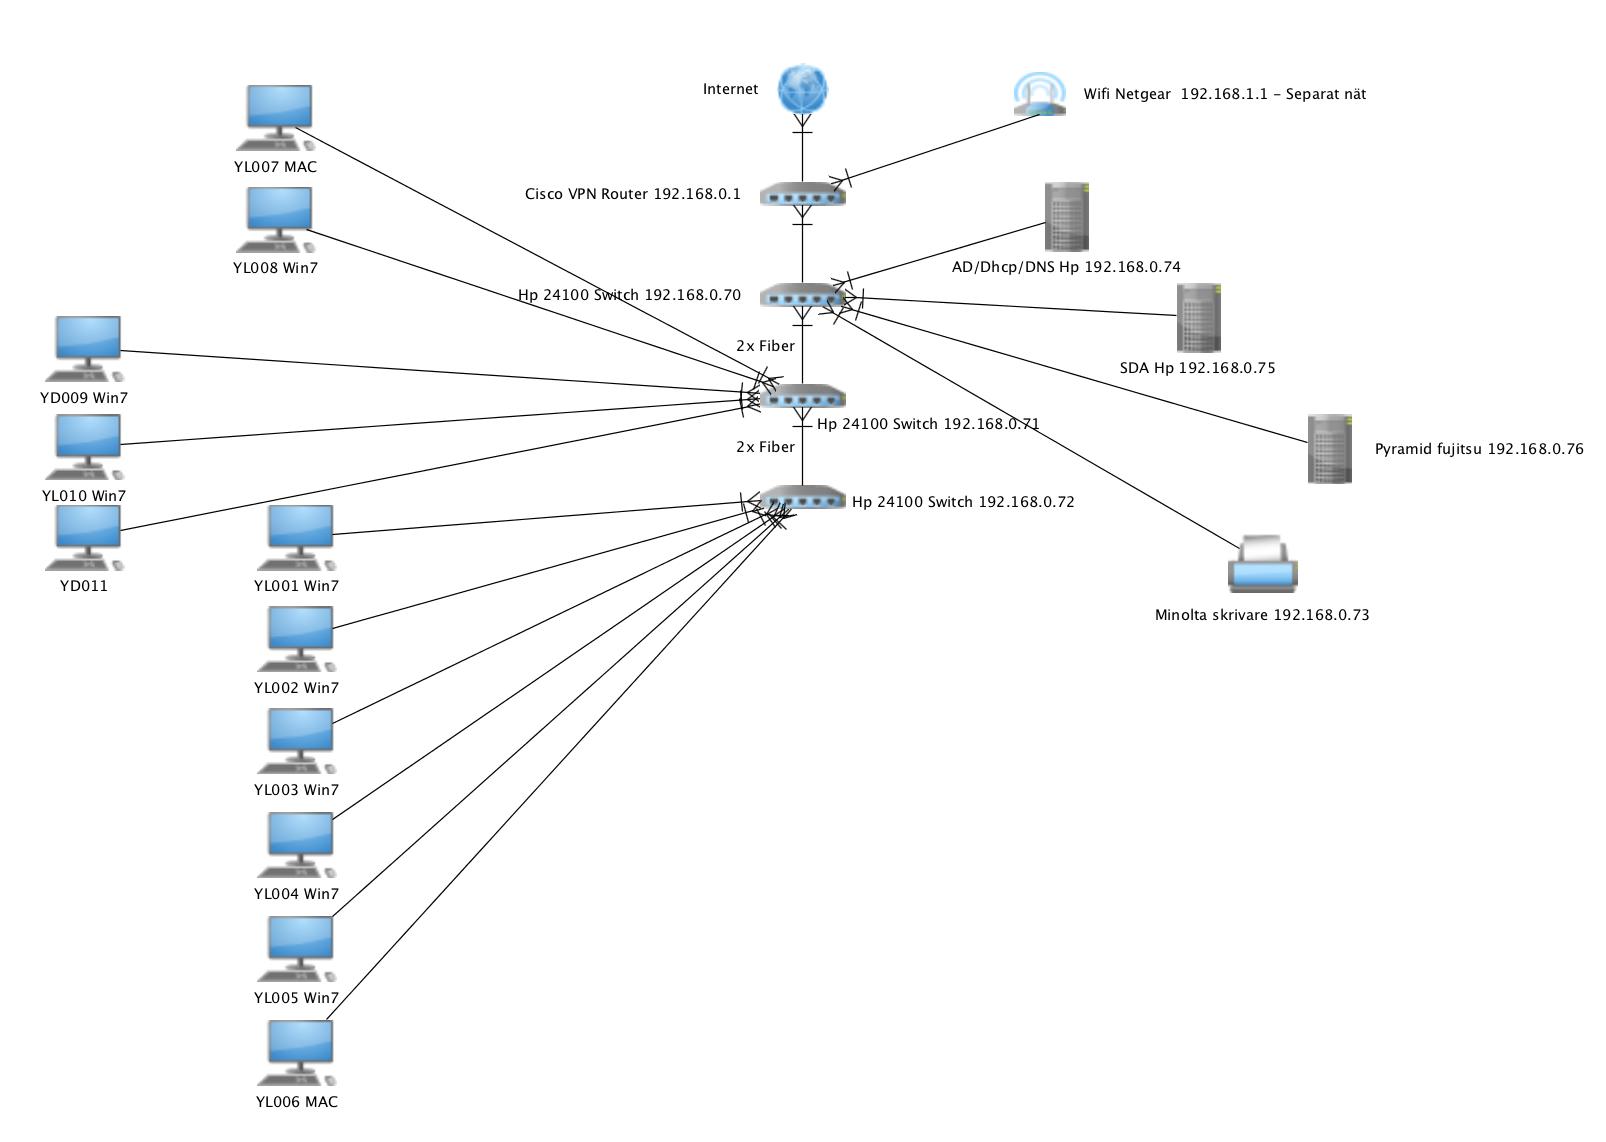 Nätverks dokumentation